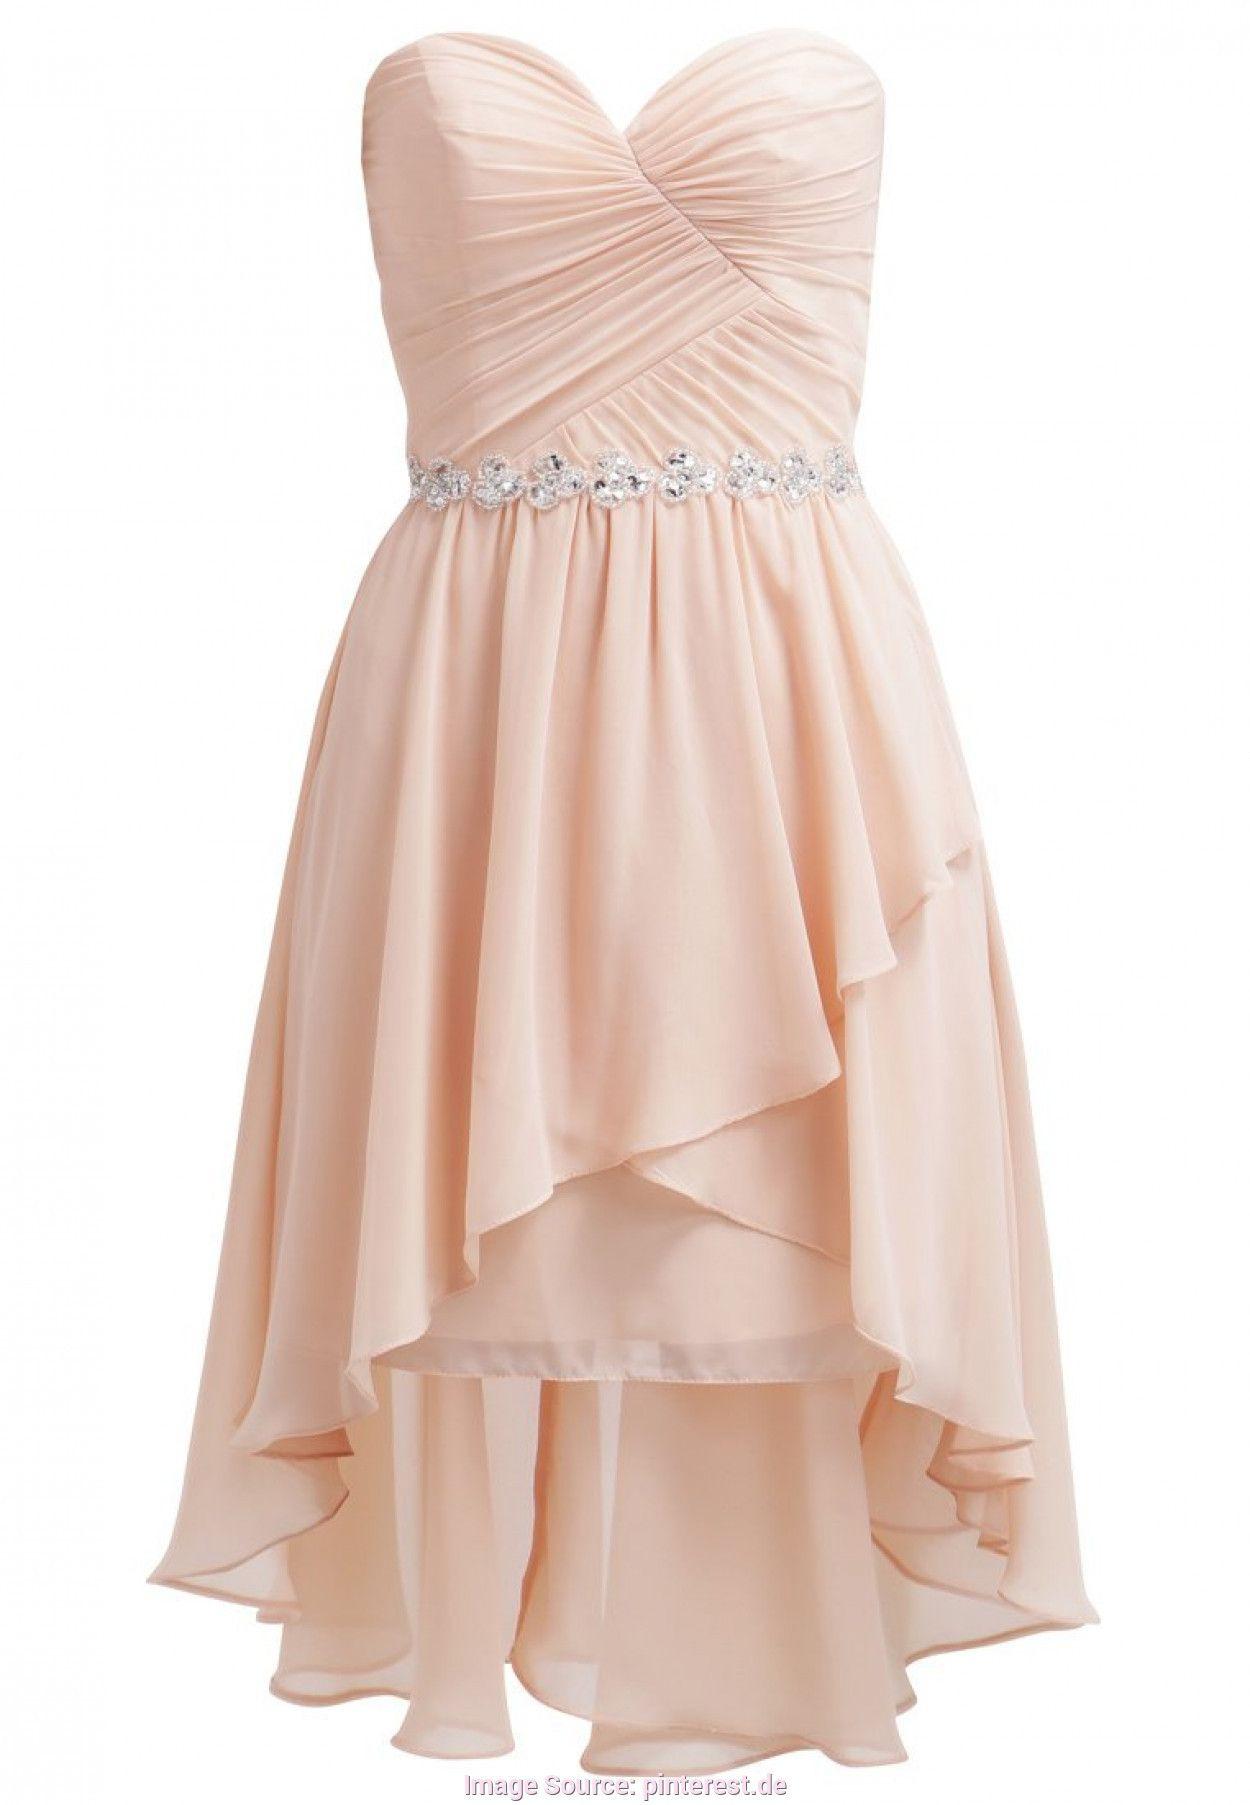 15 Leicht Schöne Kleider Bestellen StylishDesigner Fantastisch Schöne Kleider Bestellen Spezialgebiet